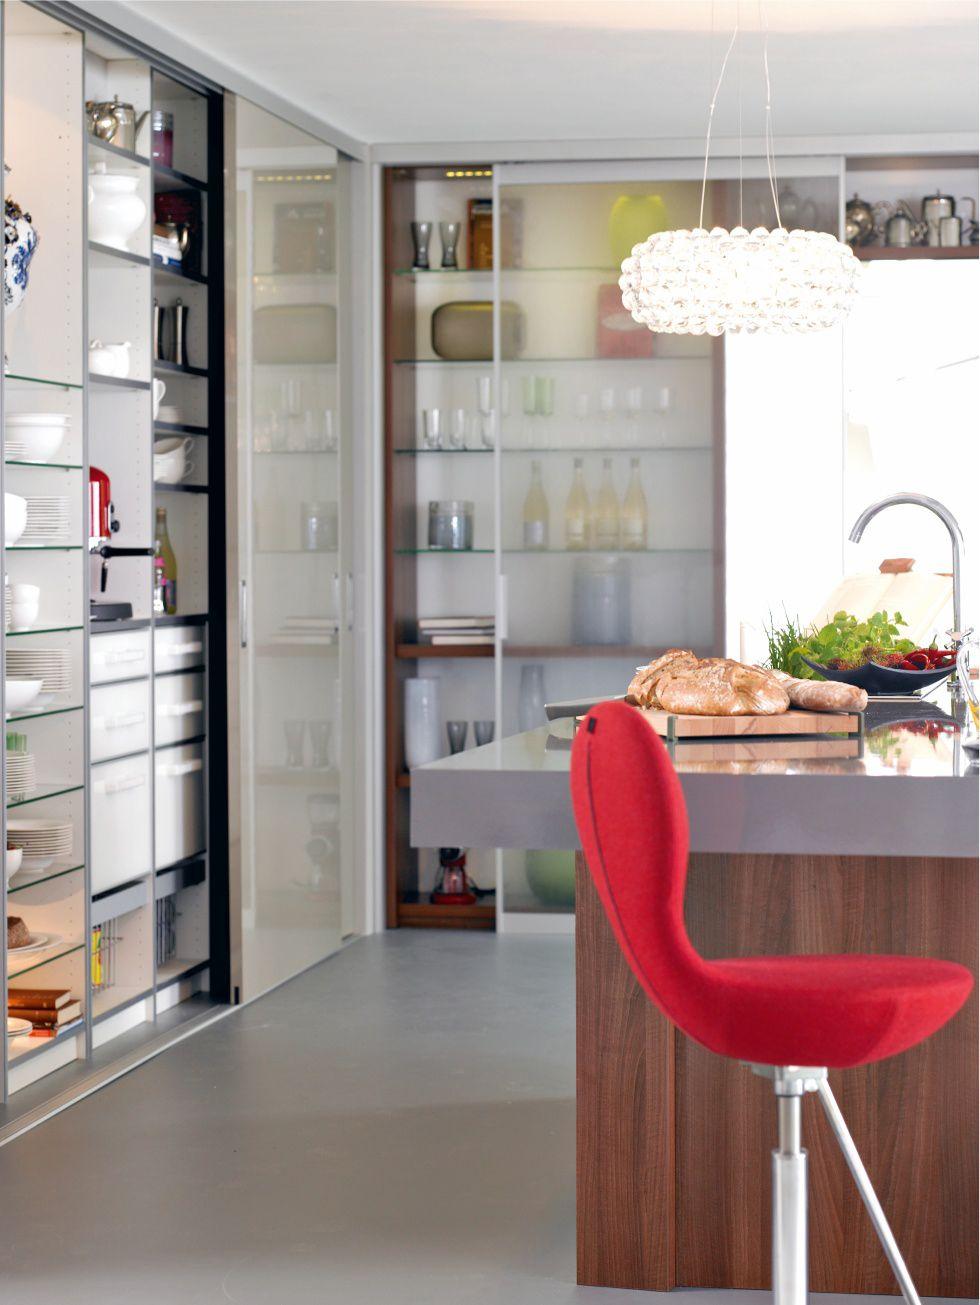 Ziemlich Küche Online Shops Nz Galerie - Küchen Design Ideen ...